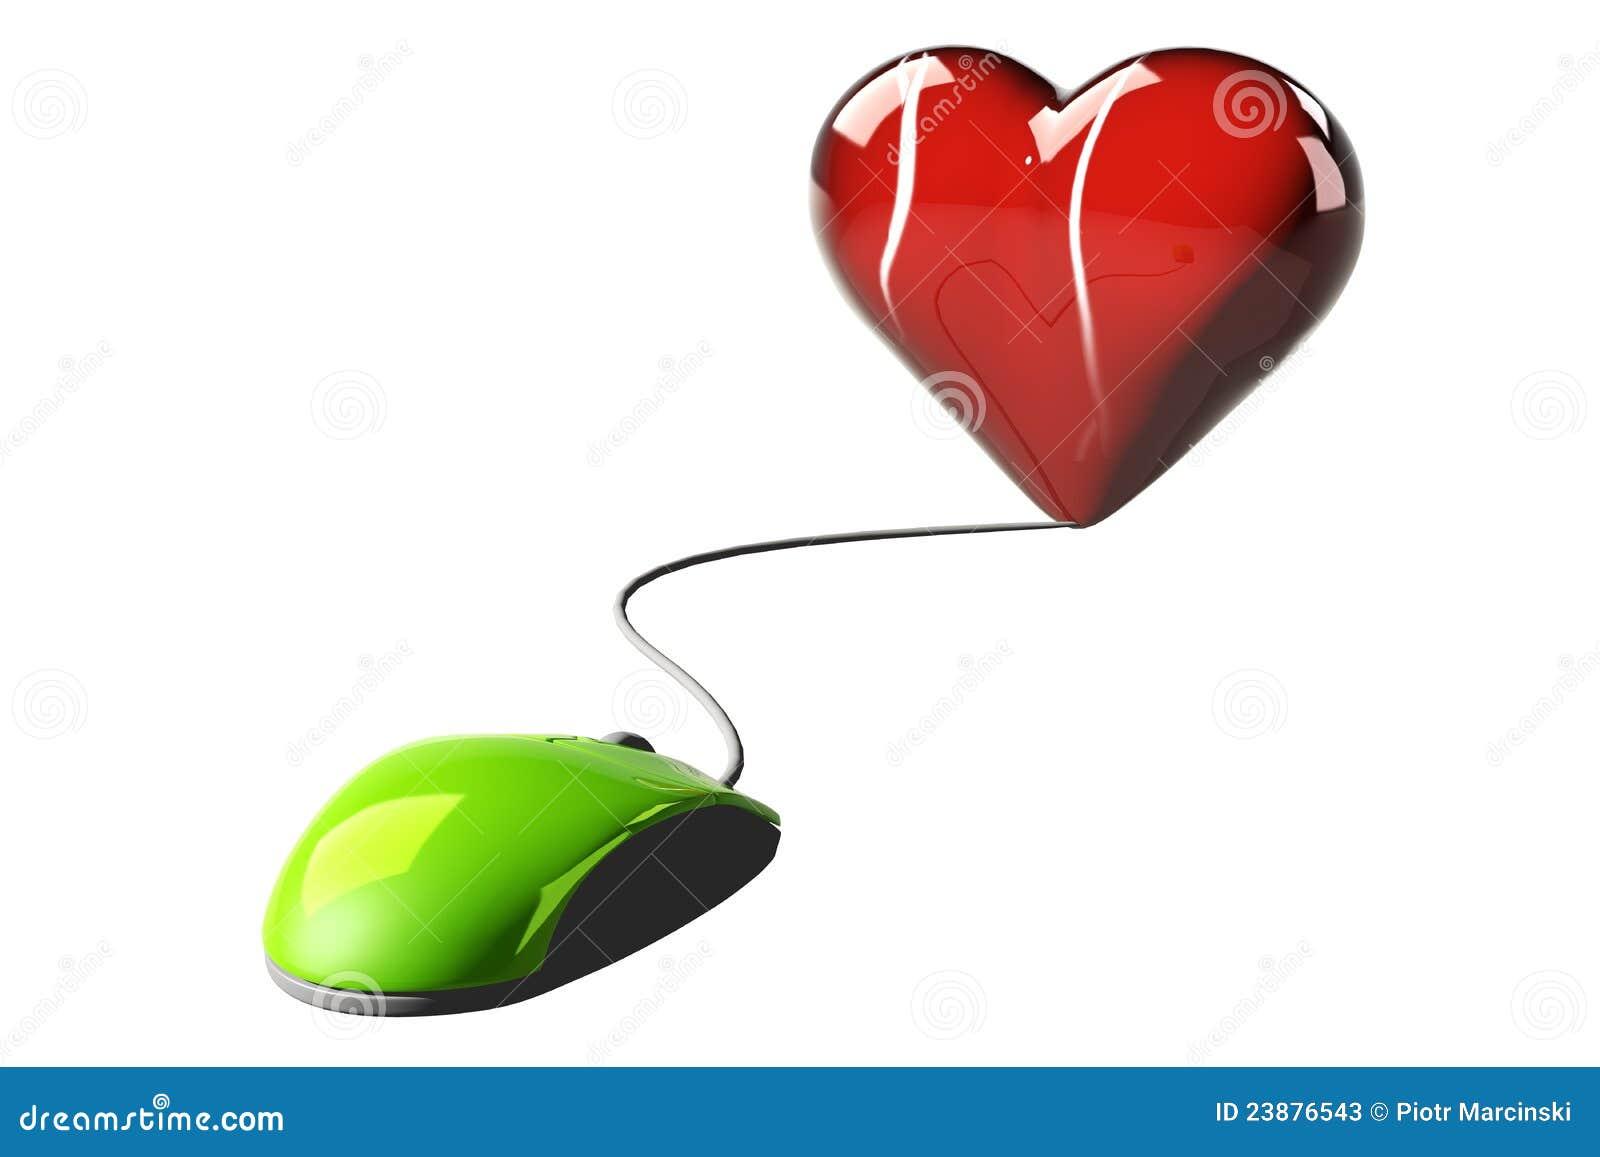 Online romance concept